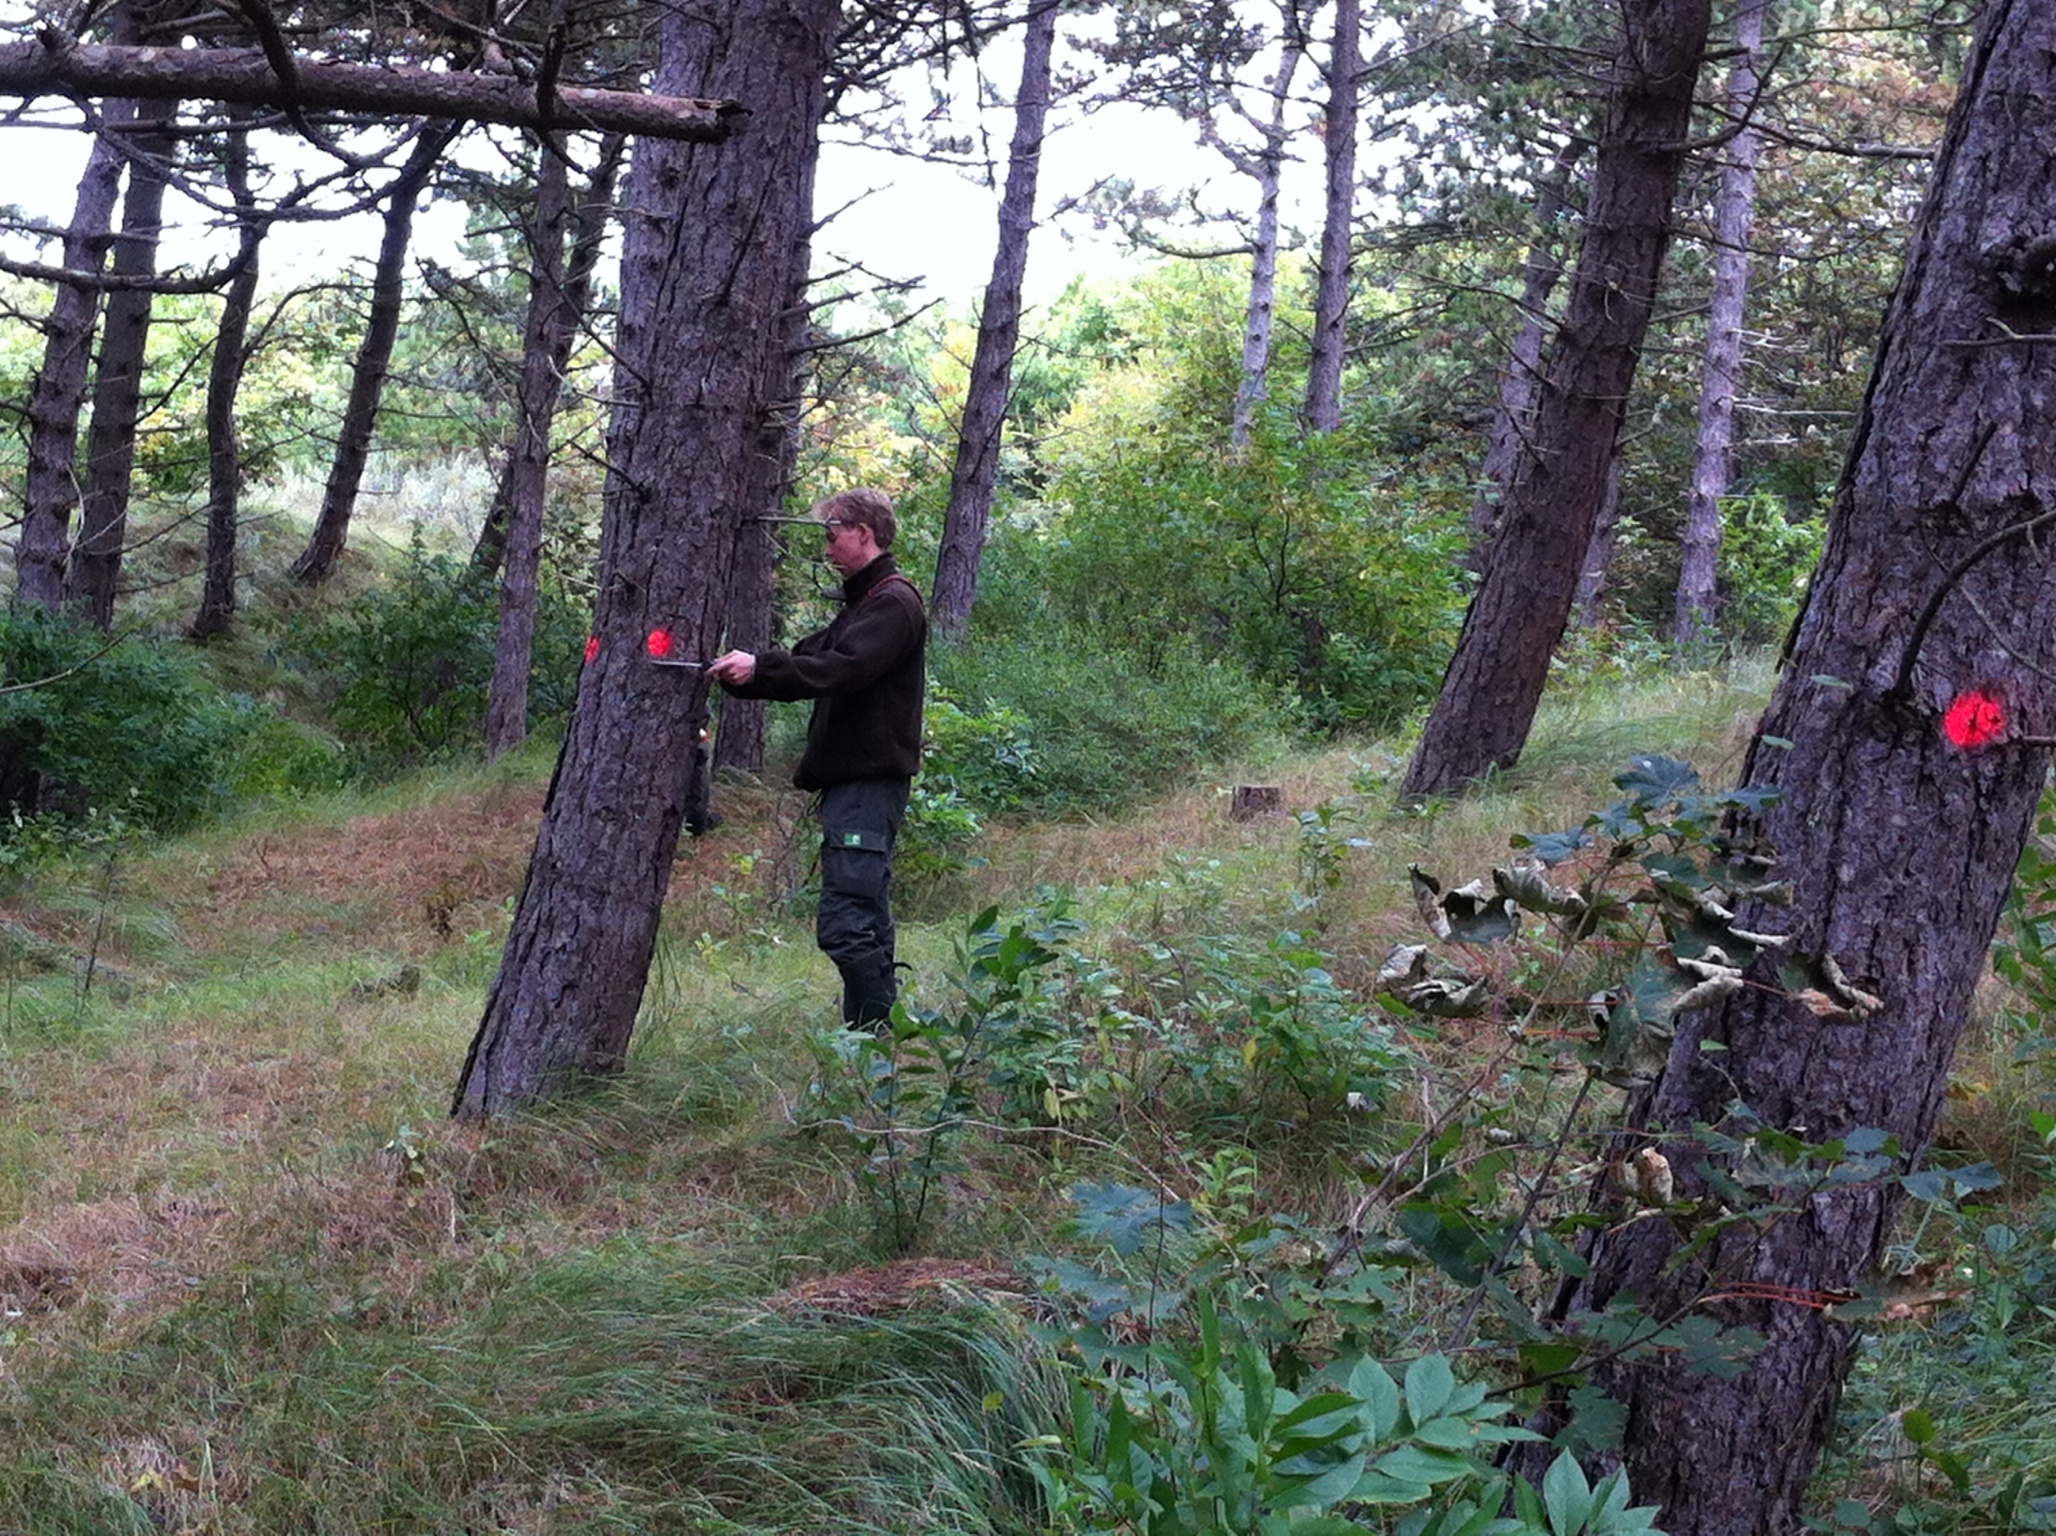 In proefvlakken is gekeken welke bomen vanuit natuurontwikkeling in aanmerking komen om gekapt te worden en welke hoeveelheid hout deze bomen vervolgens opbrengen.